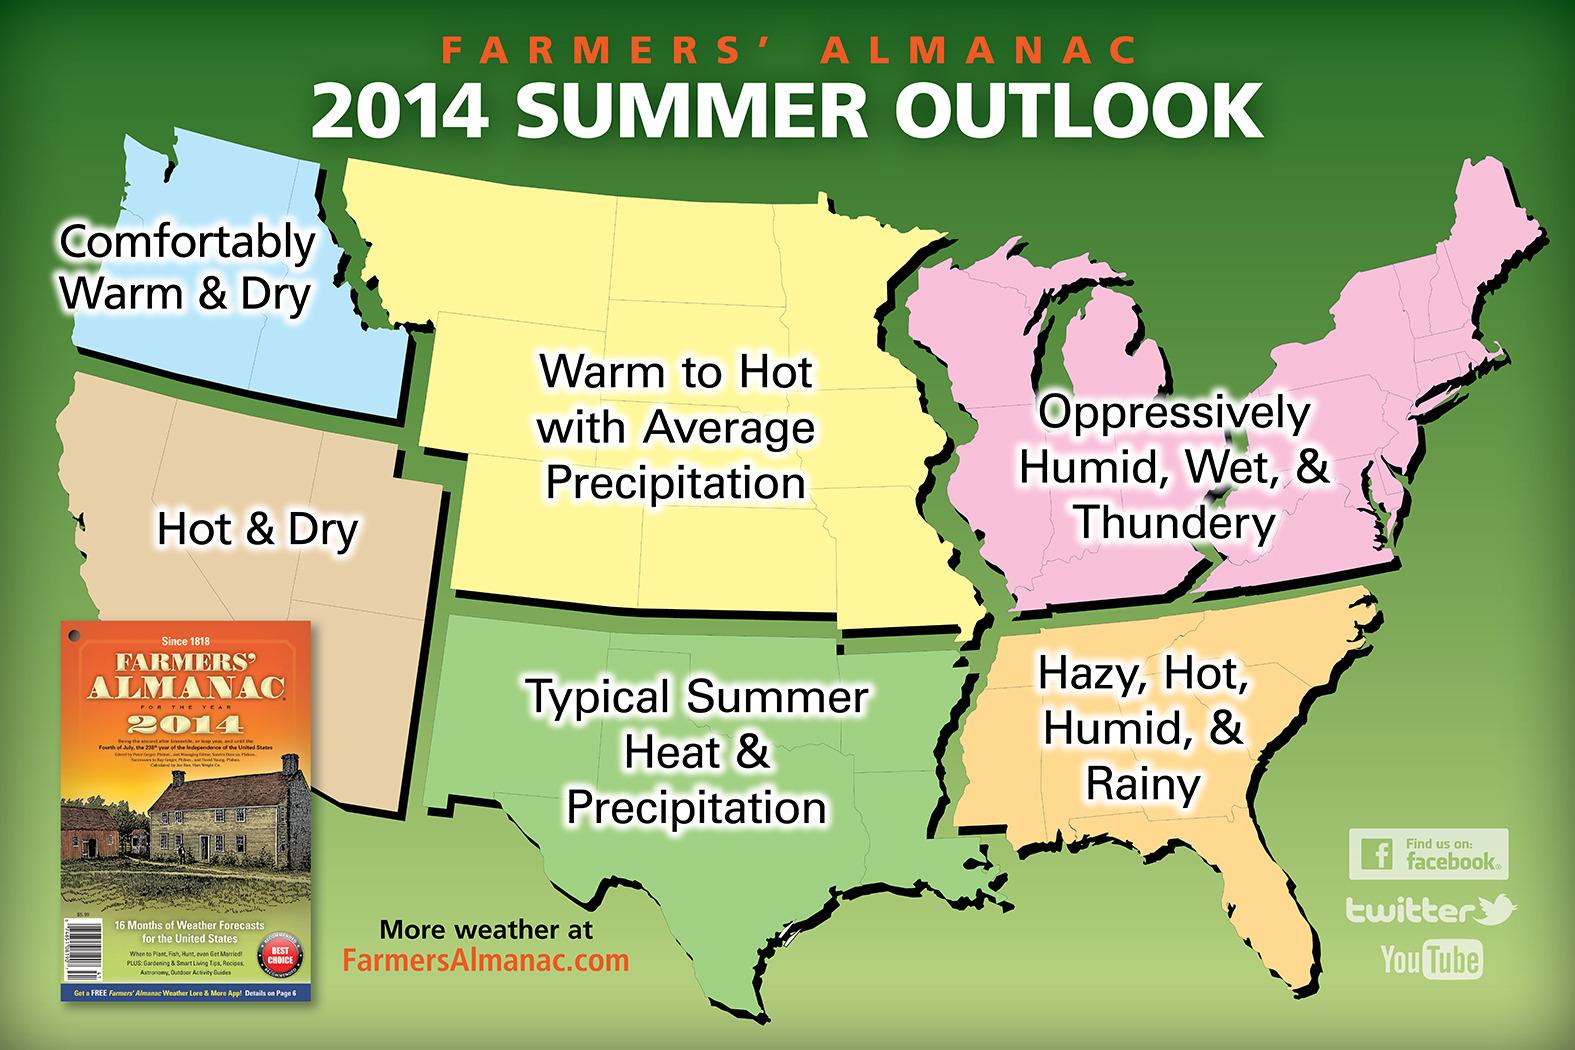 8dfc618e169781415b51_2014_Farmers_Almanac_-_Summer_Map.jpg